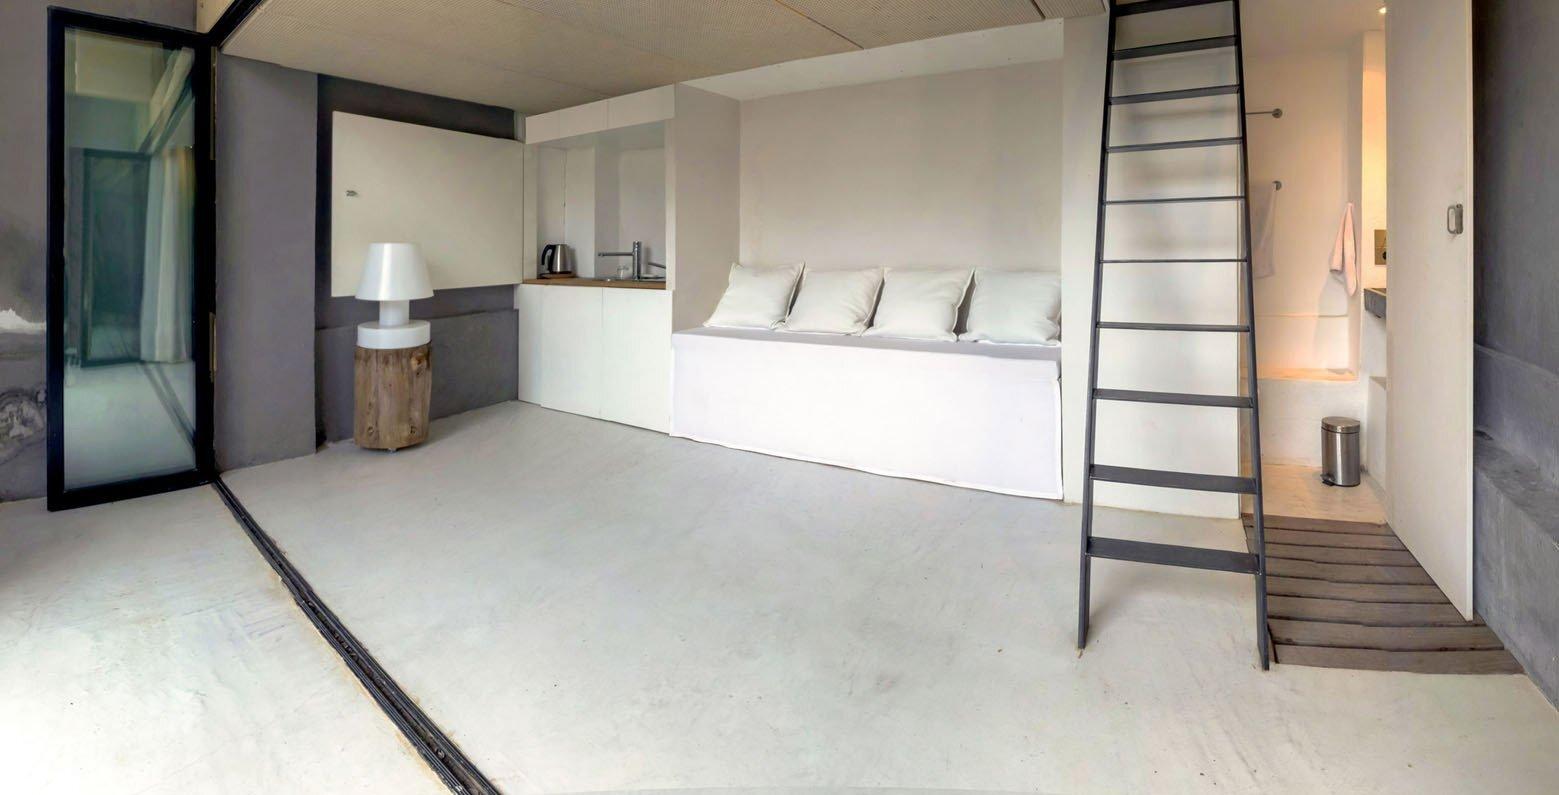 Pavillon d'été - Noémie Meney - Toulon France - Tiny House - Interior - Humble Homes